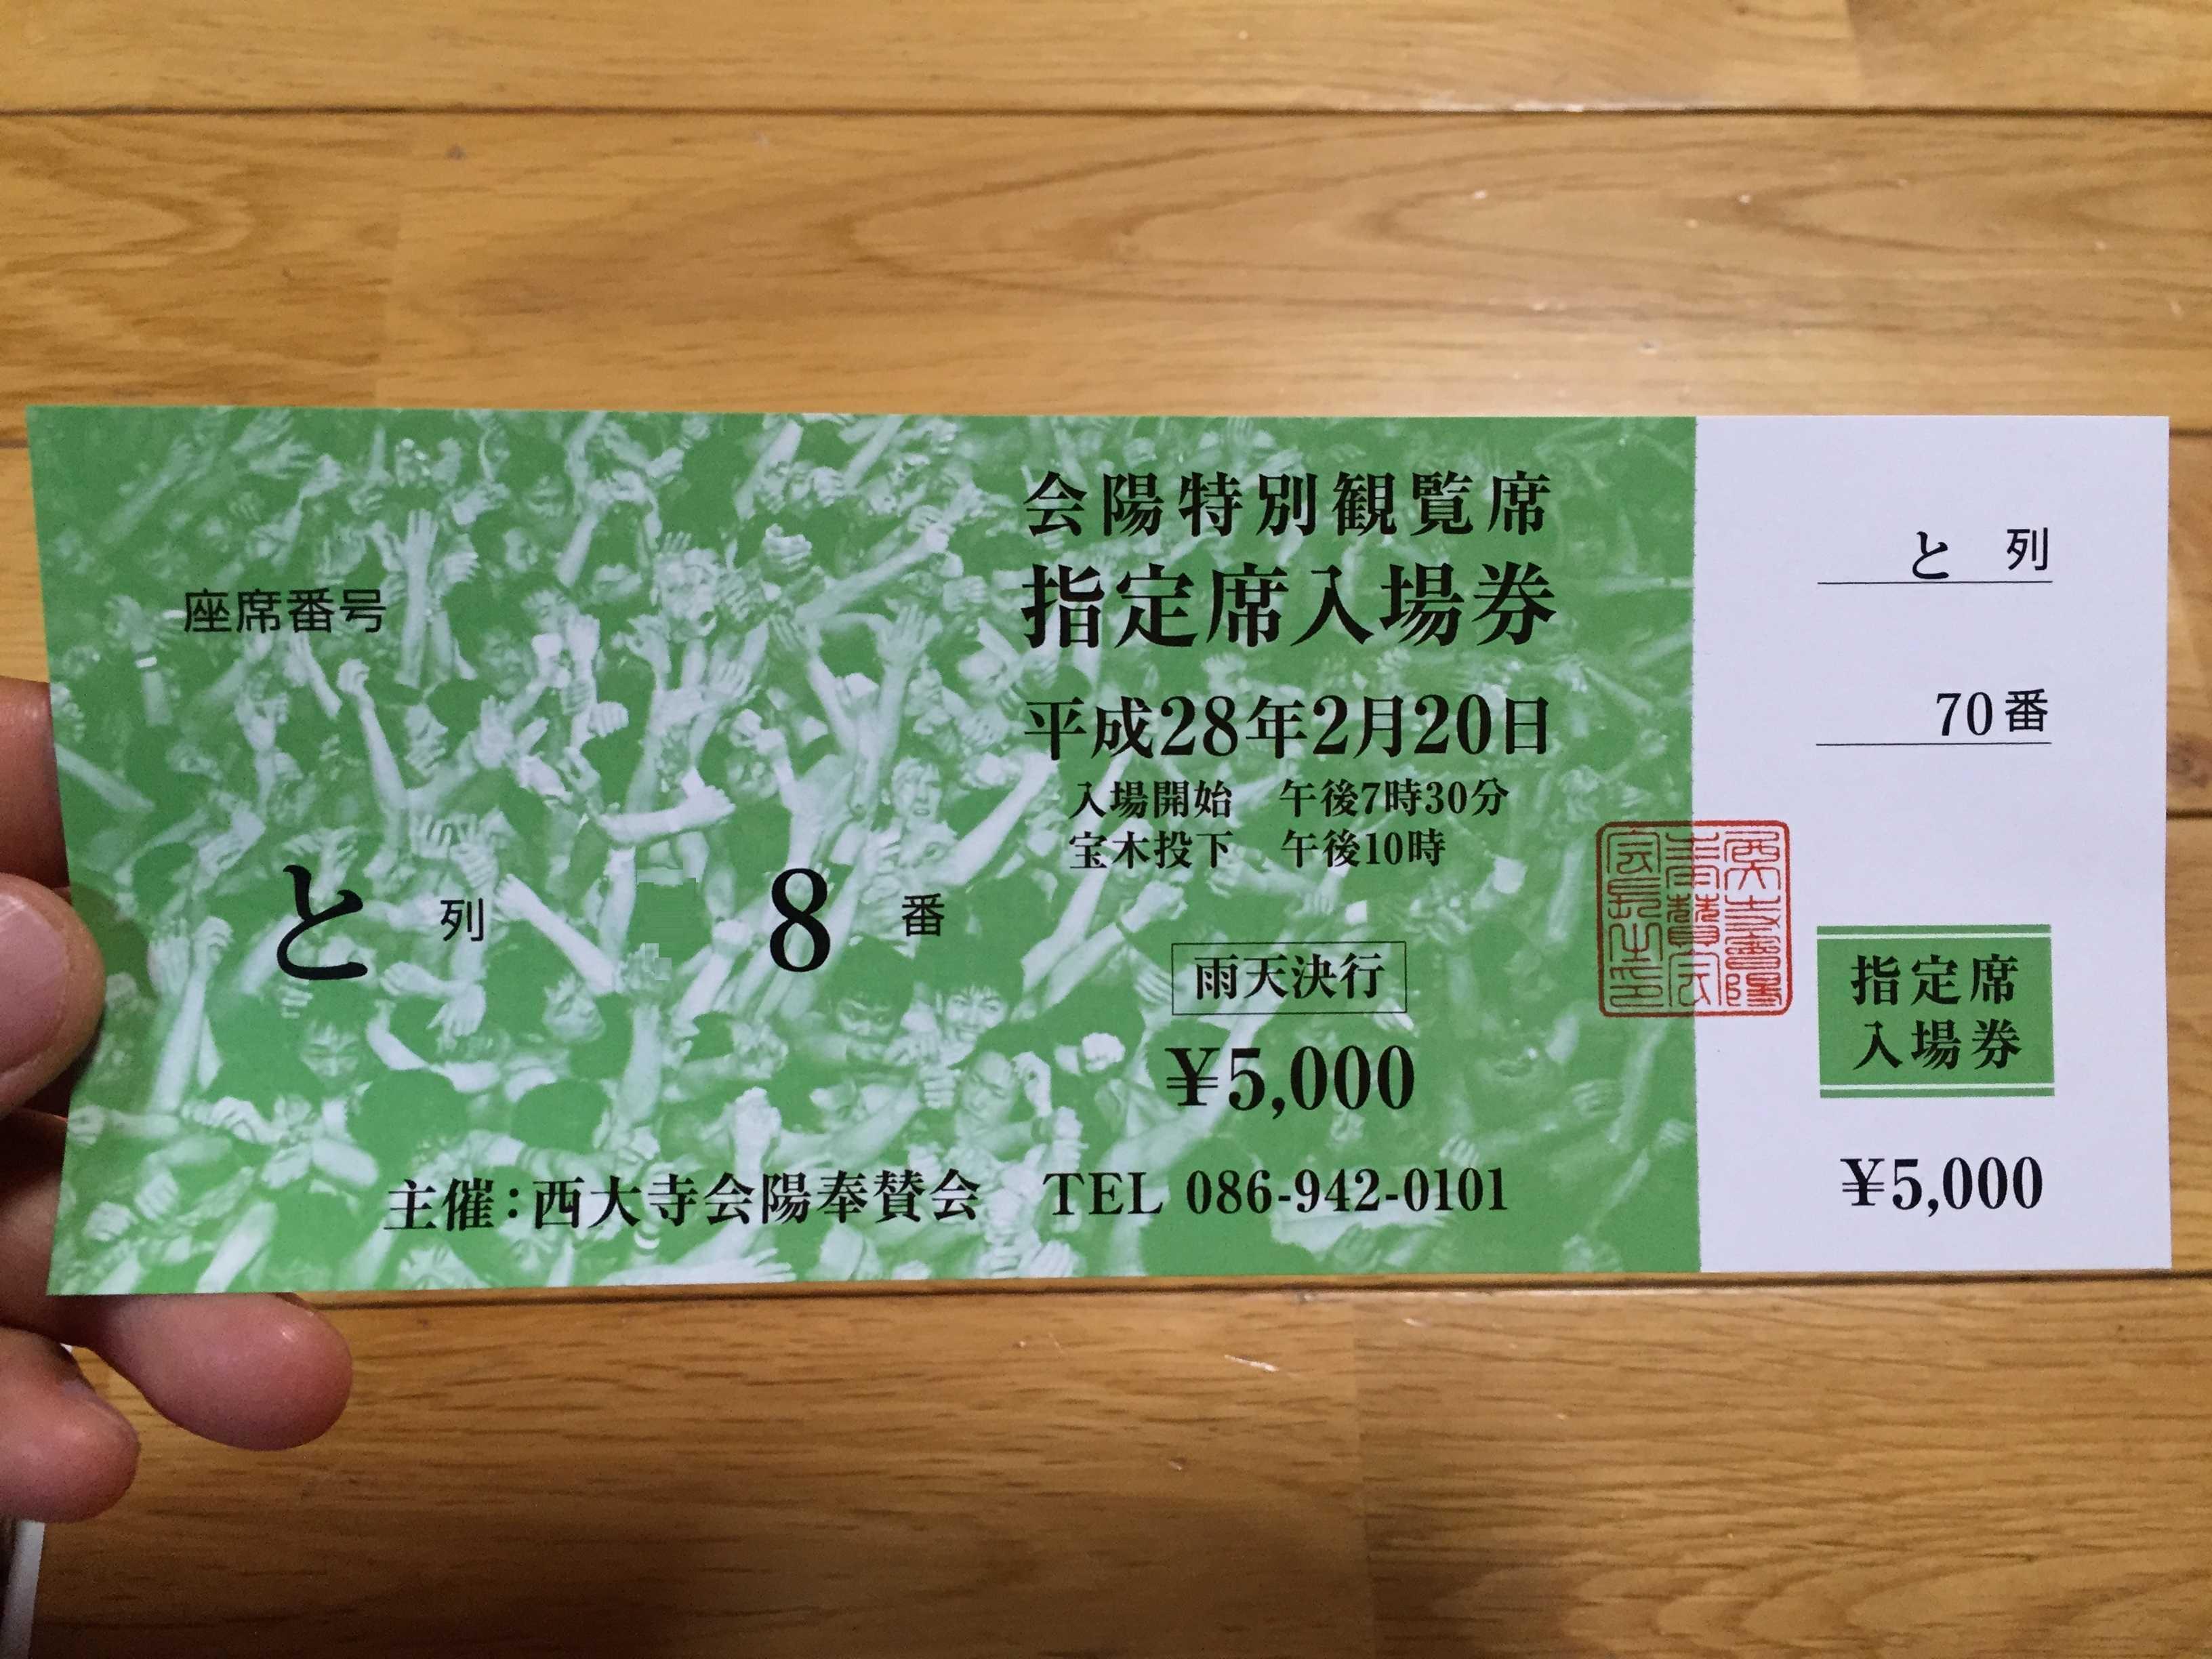 会陽特別観覧券 指定席入場券 平成28年2月20日